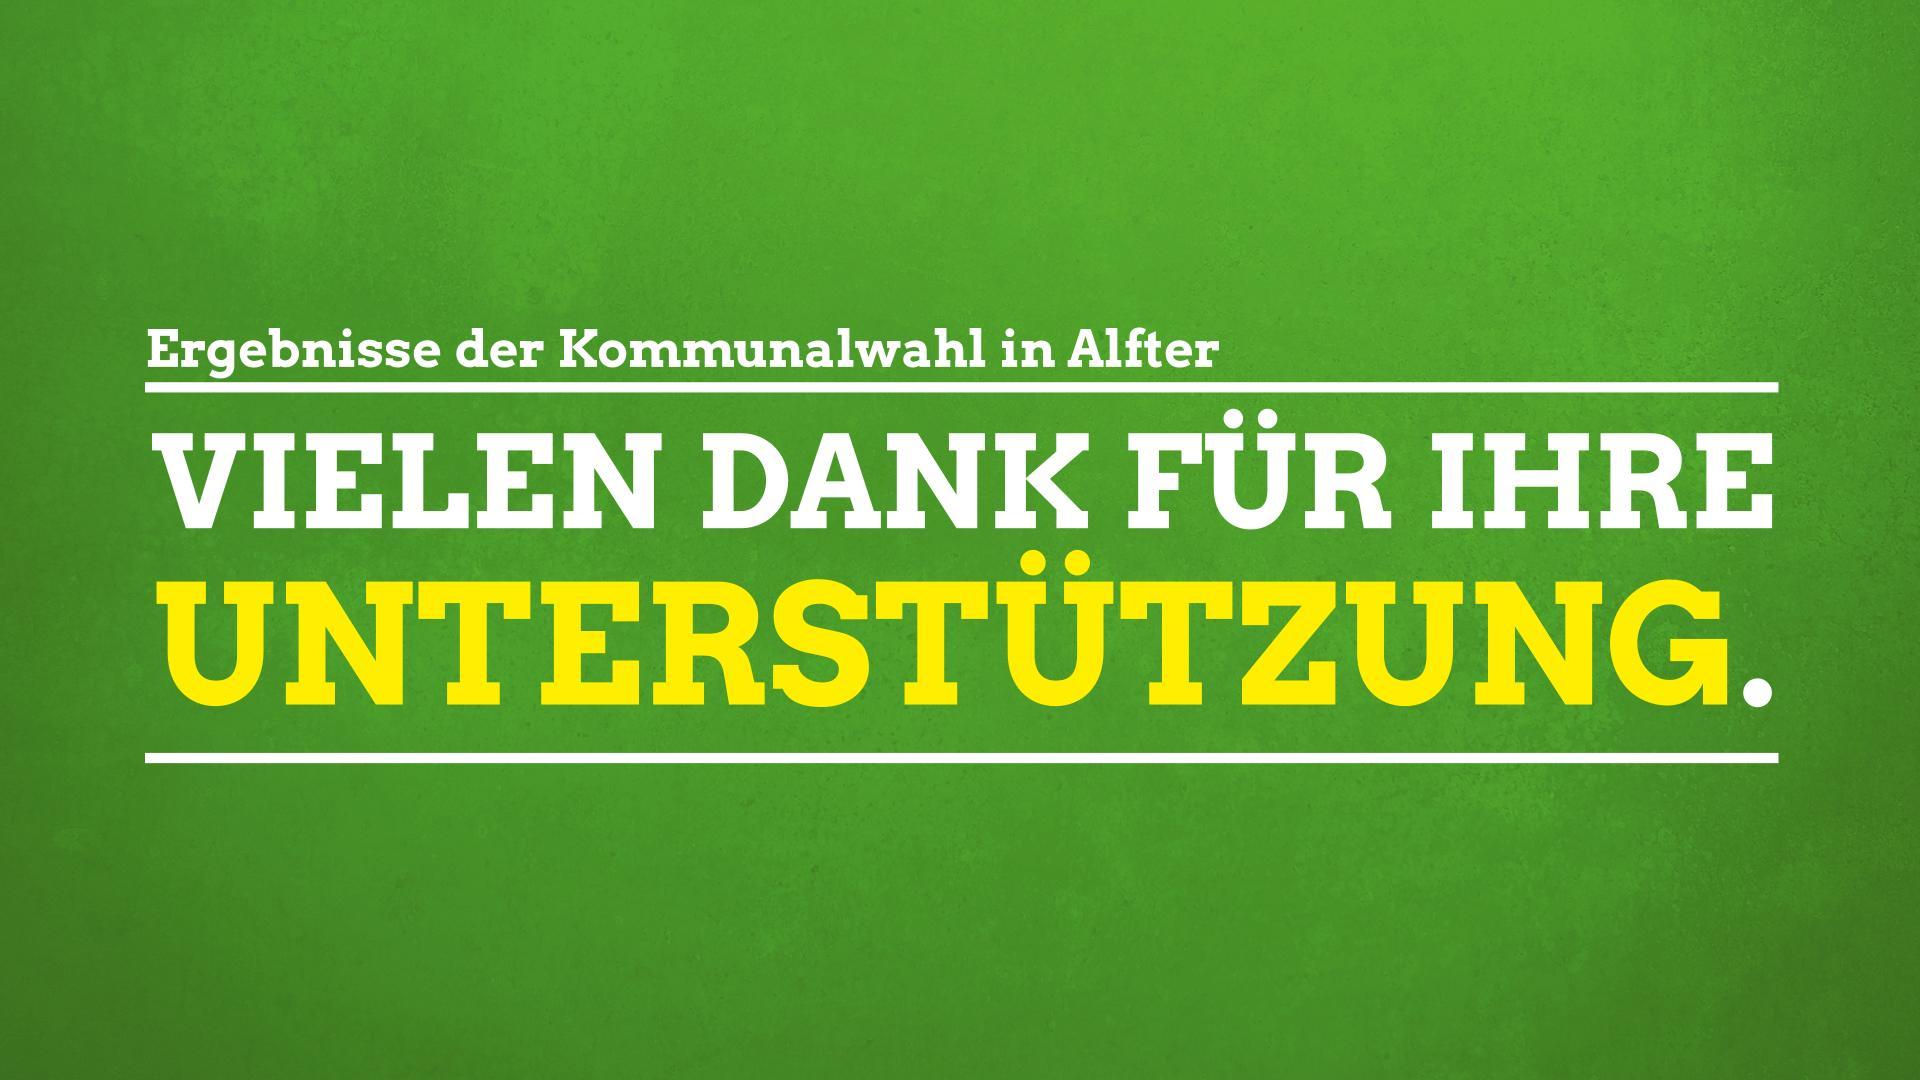 Grüner Erfolg in Alfter